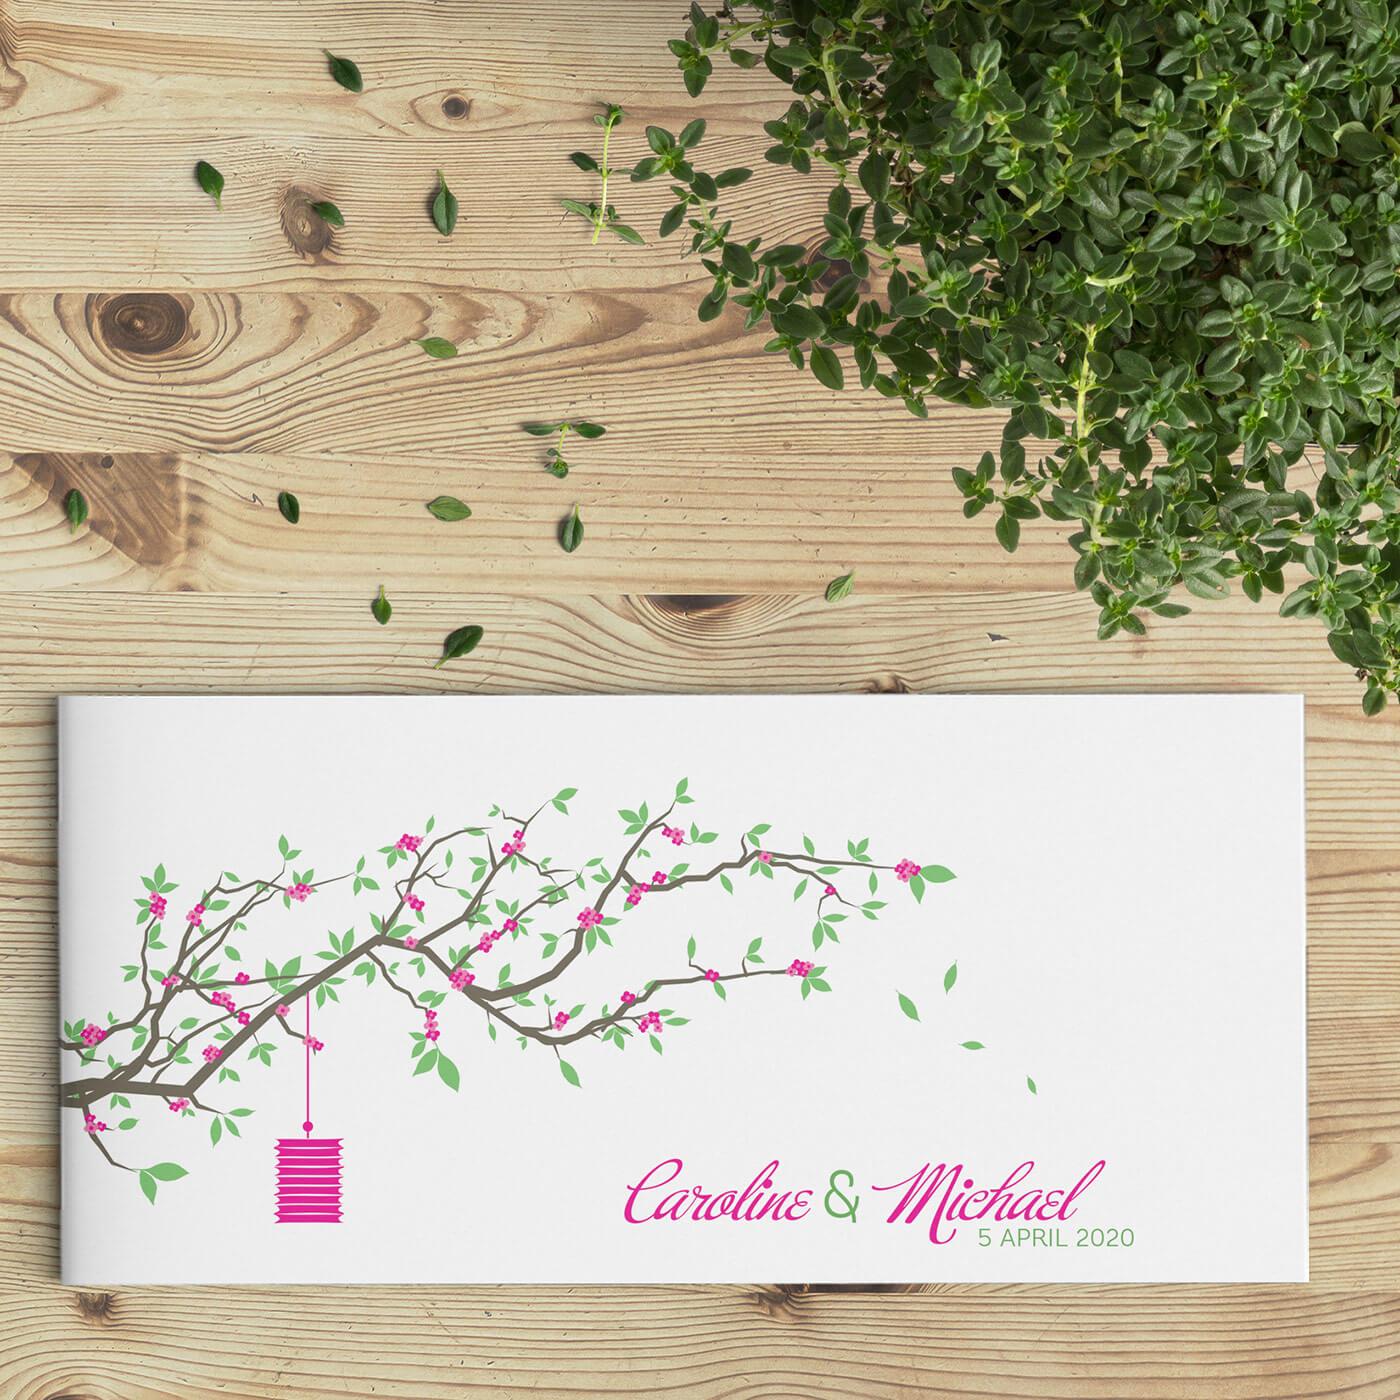 Trouwkaart Lente Tak is een eenvoudig ontwerp met een eigentijdse illustratie van een bloeiende tak vol roze bloemen en een hangende lantaarn.